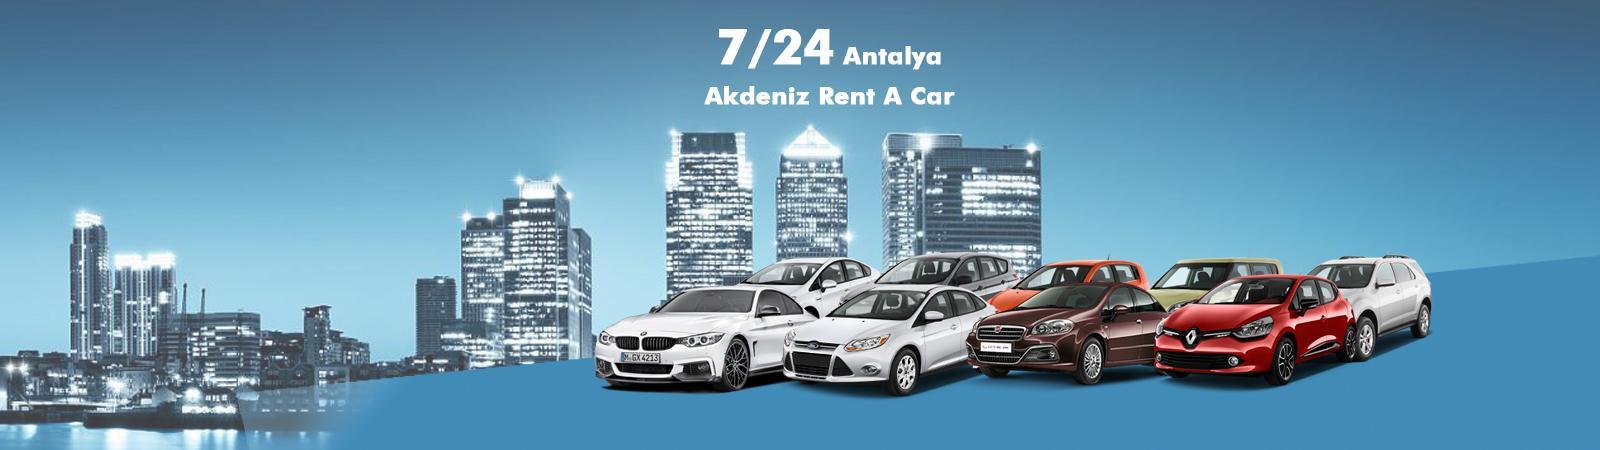 Akdeniz Rent A Car Uygun Fiyatlara Ekonomik Dizel Araçlarla